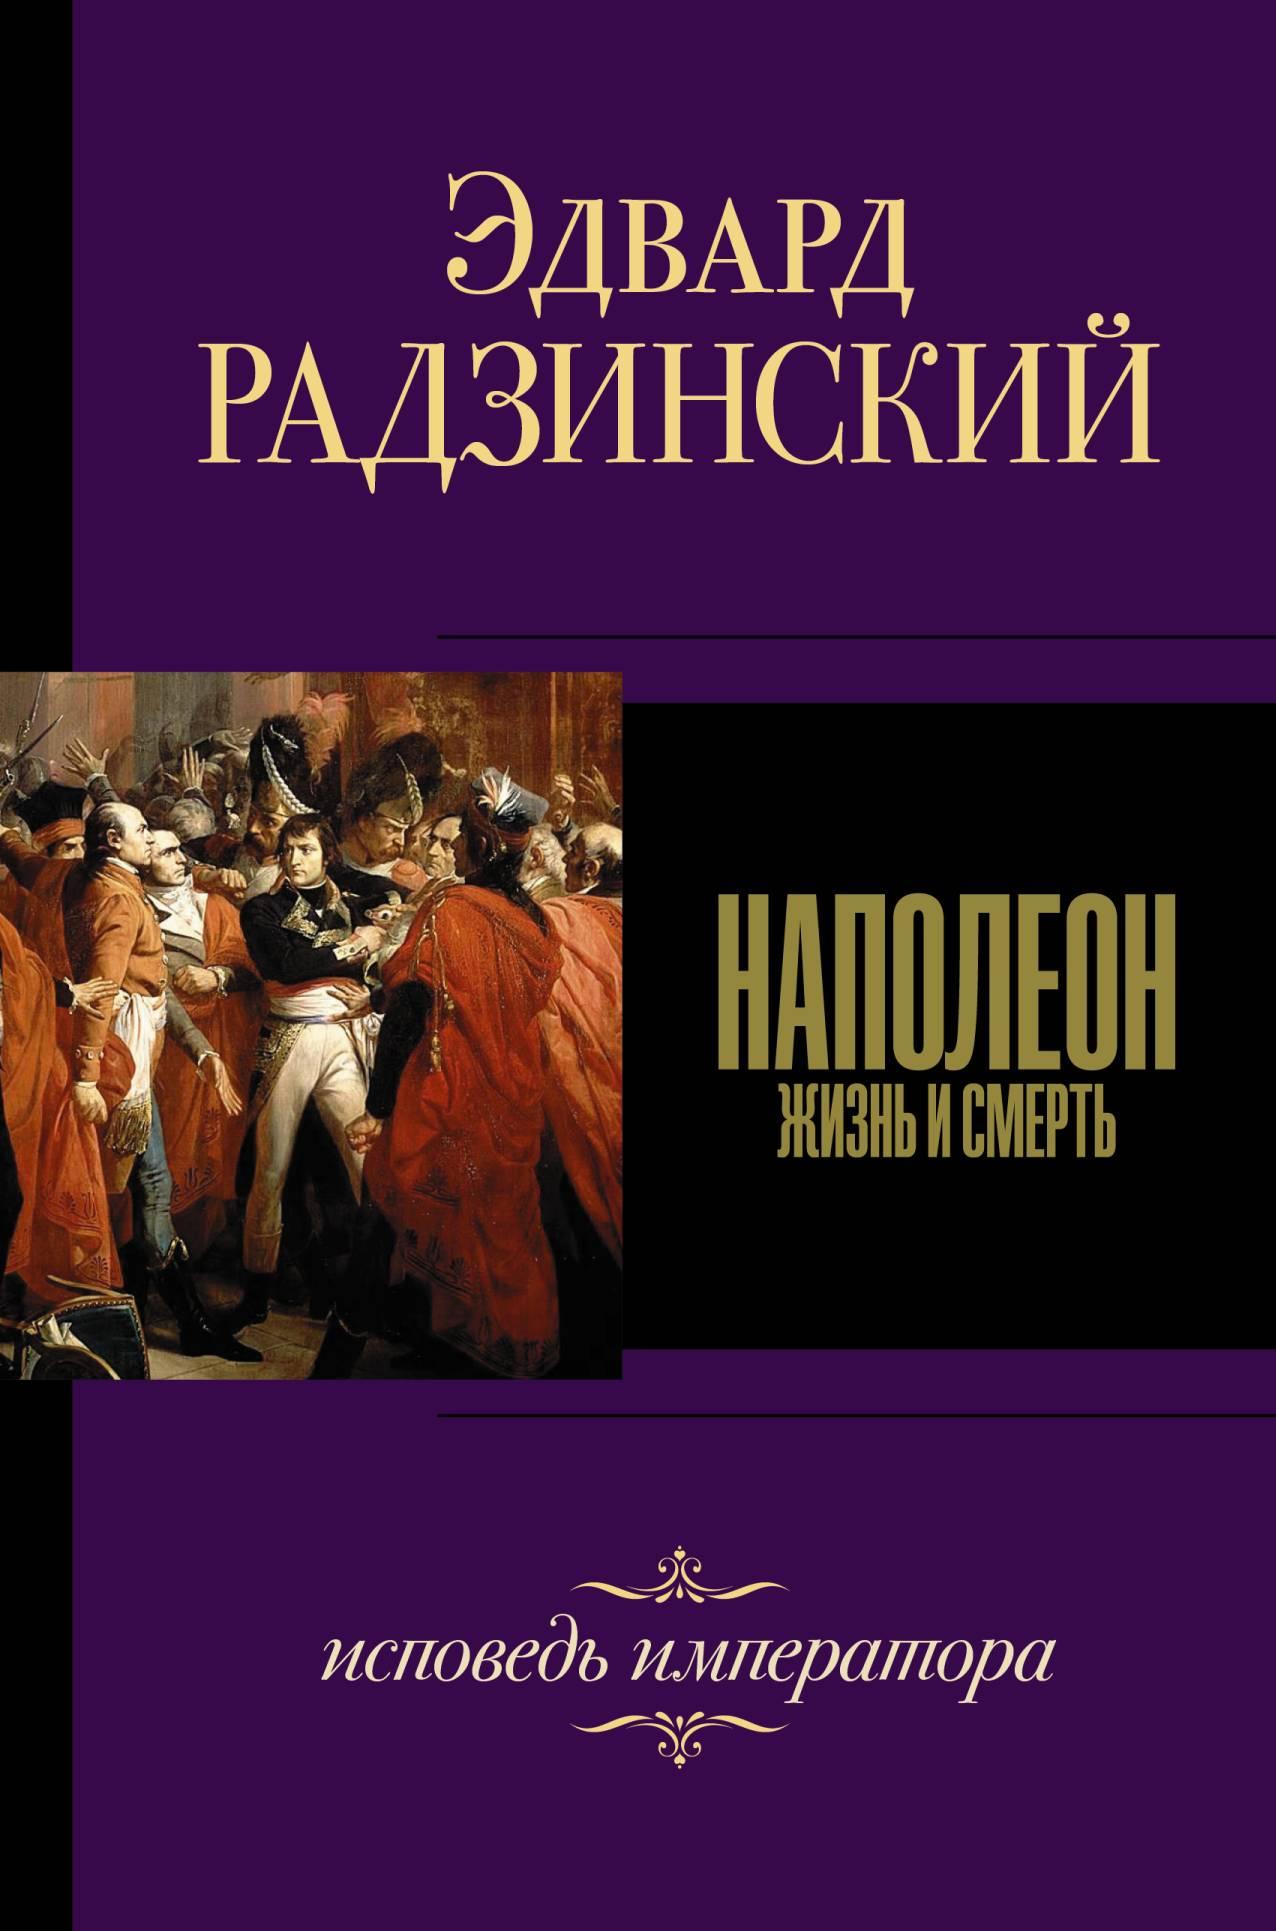 Эдвард Радзинский Наполеон а з манфред три портрета эпохи великой французской революции